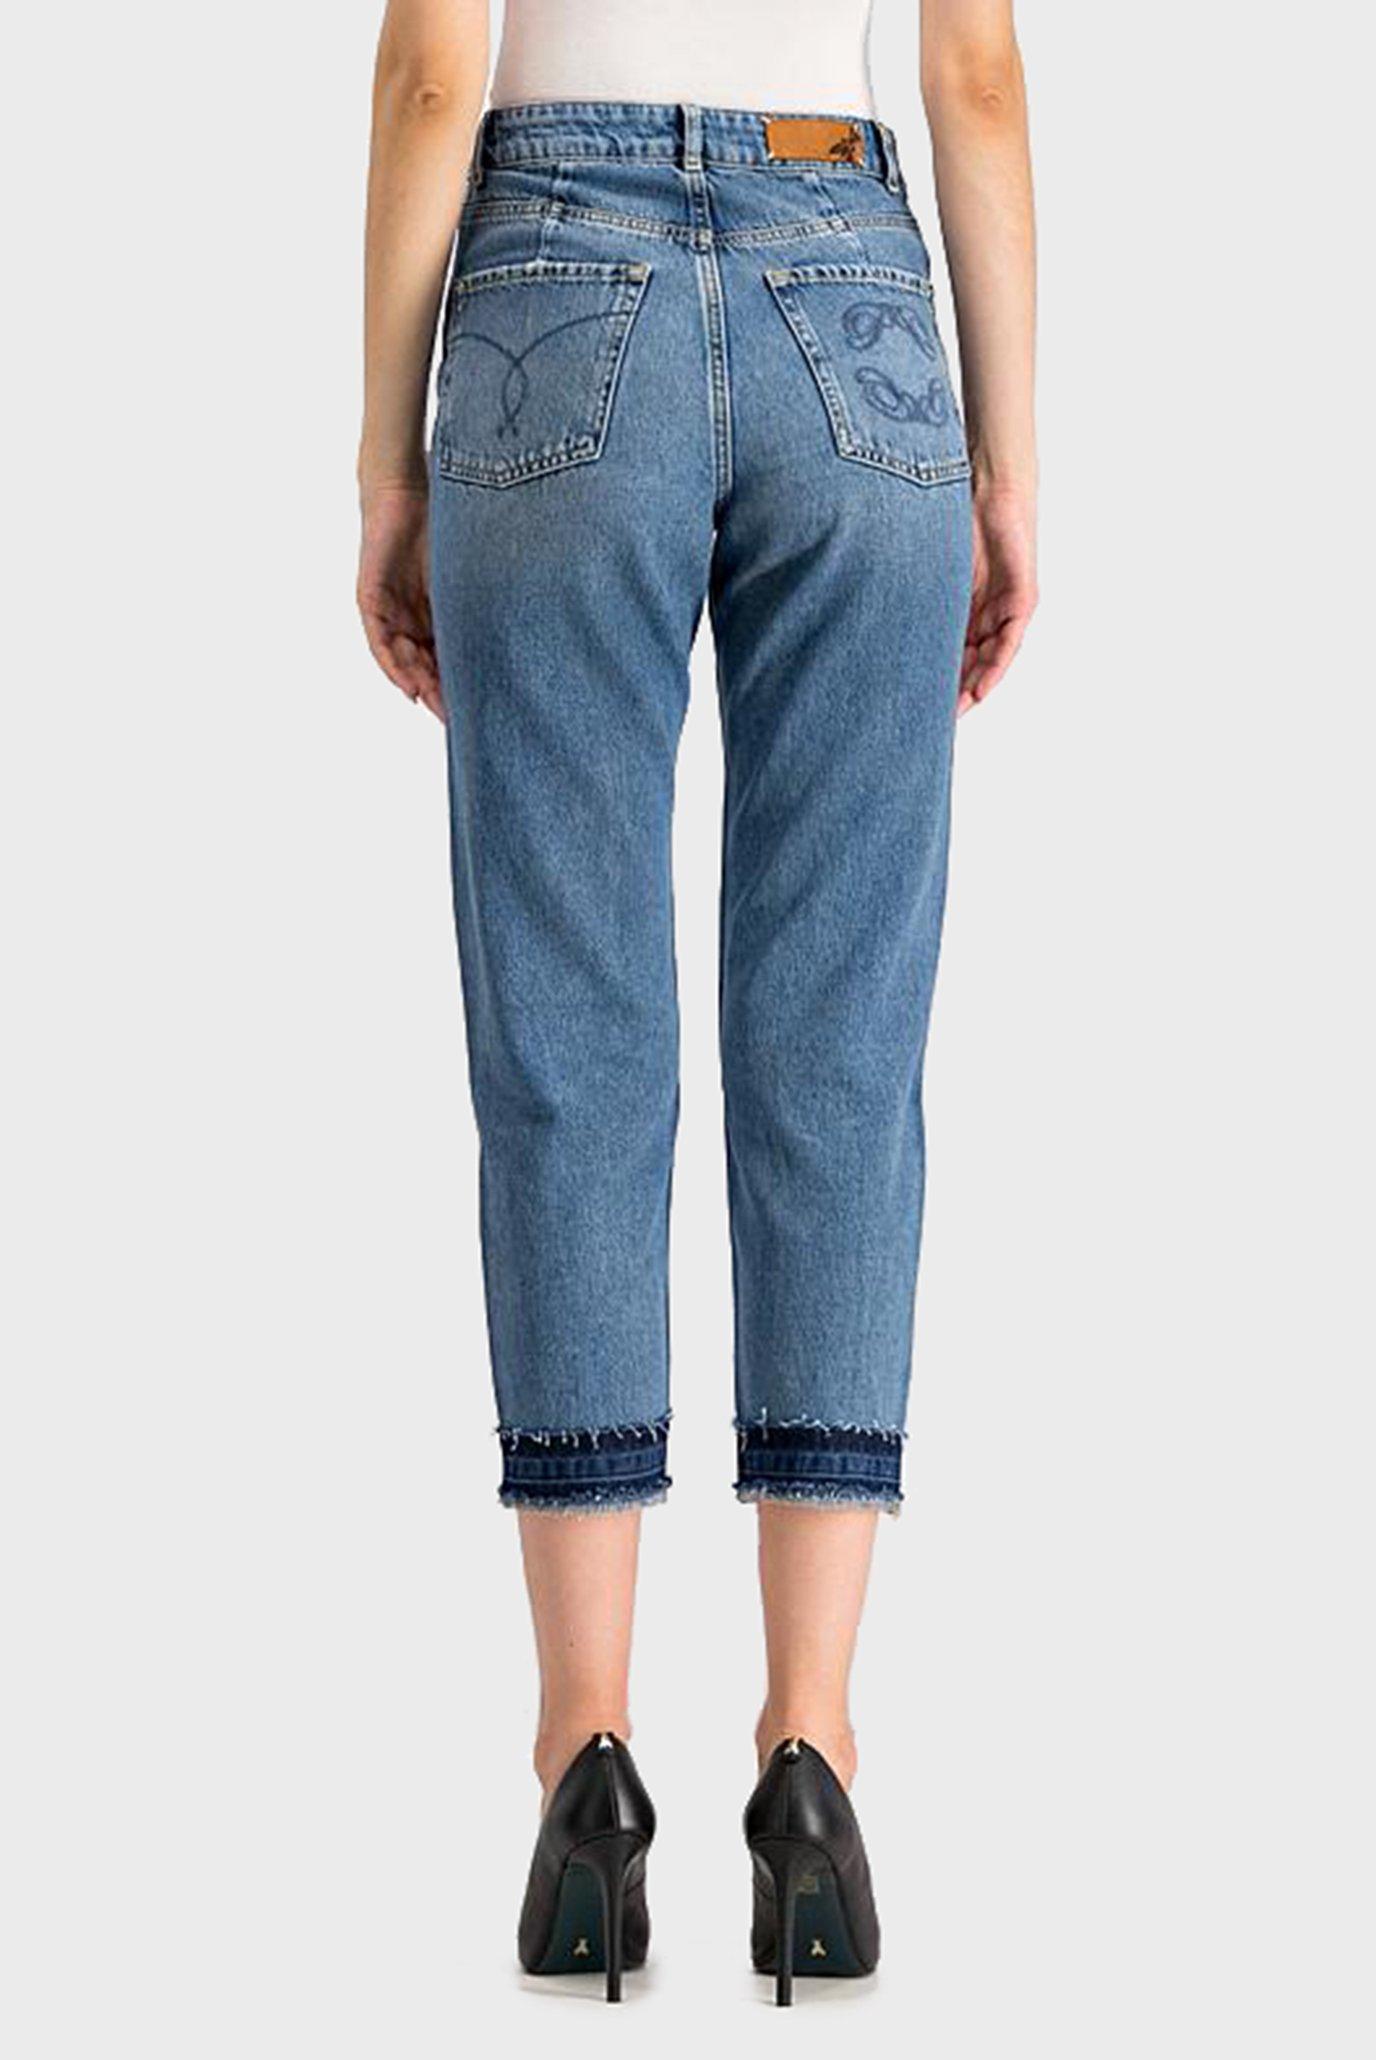 Купить Женские синие джинсы PANTALONI Patrizia Pepe Patrizia Pepe 8J0791-A1WZA-C771 – Киев, Украина. Цены в интернет магазине MD Fashion